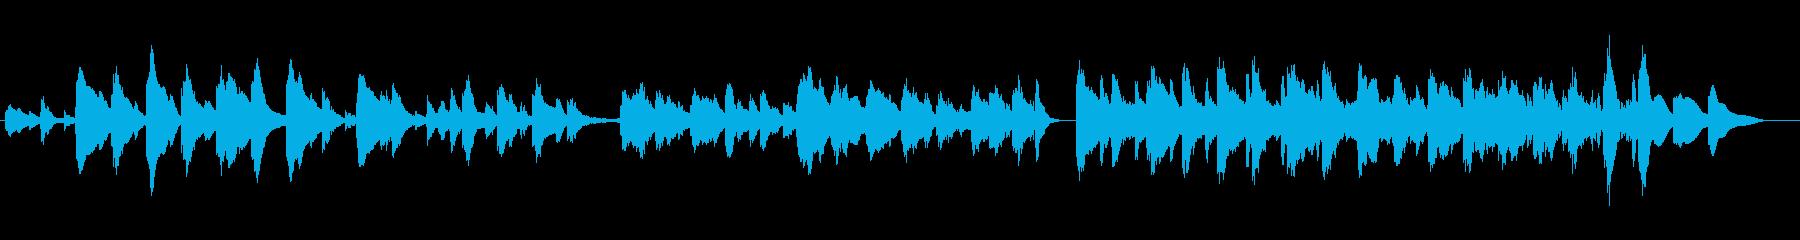 ハープのクラシック風の華麗な曲の再生済みの波形